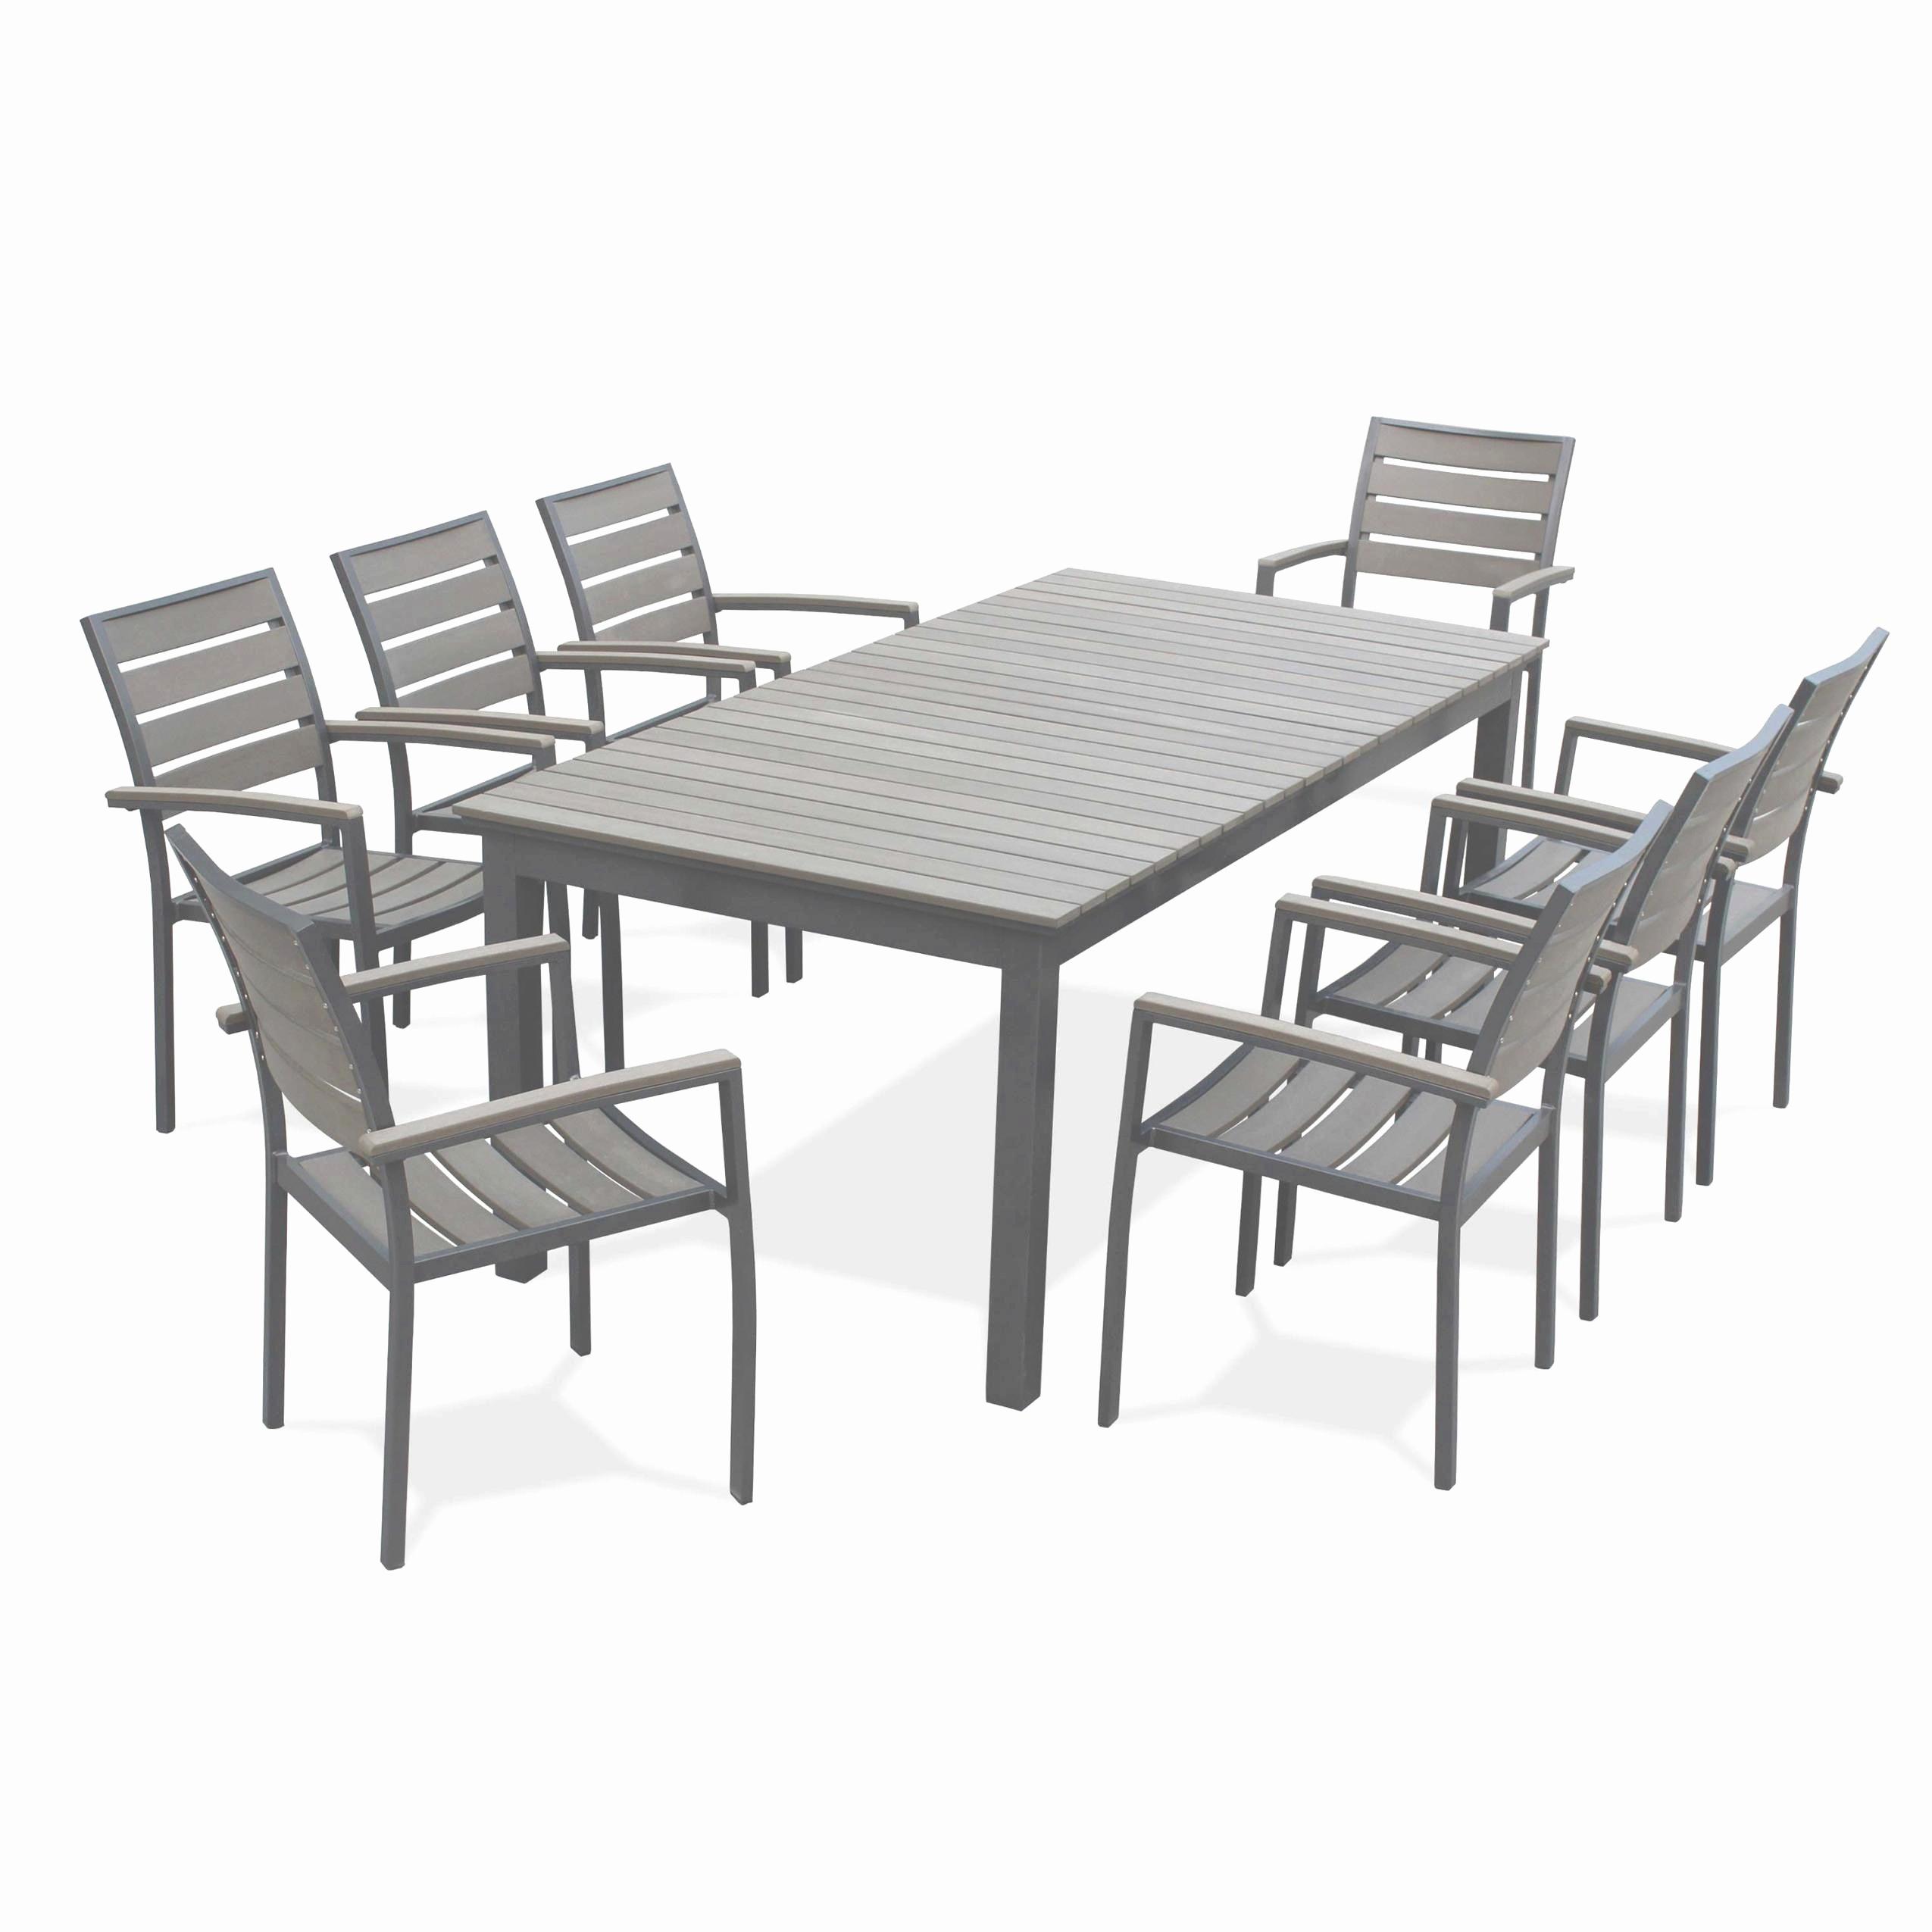 salon de jardin hesperide genial metal kitchen table best chaise et table de jardin hesperide of salon de jardin hesperide